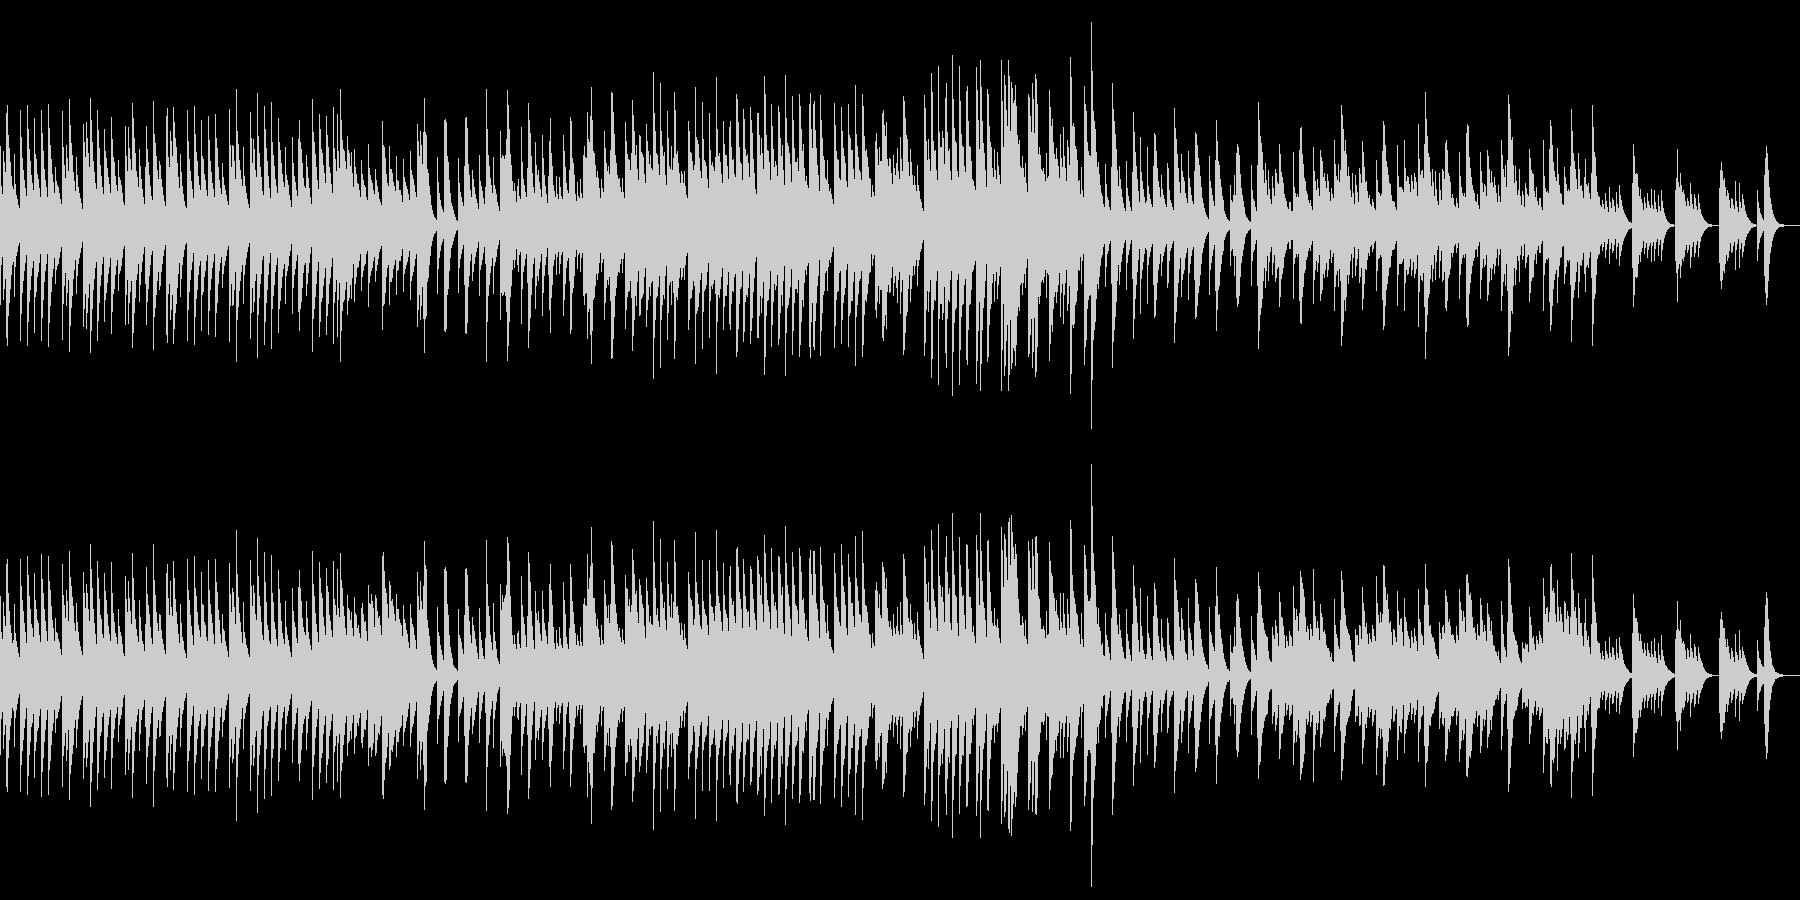 五日間の世界 音色1【優しいオルゴール】の未再生の波形